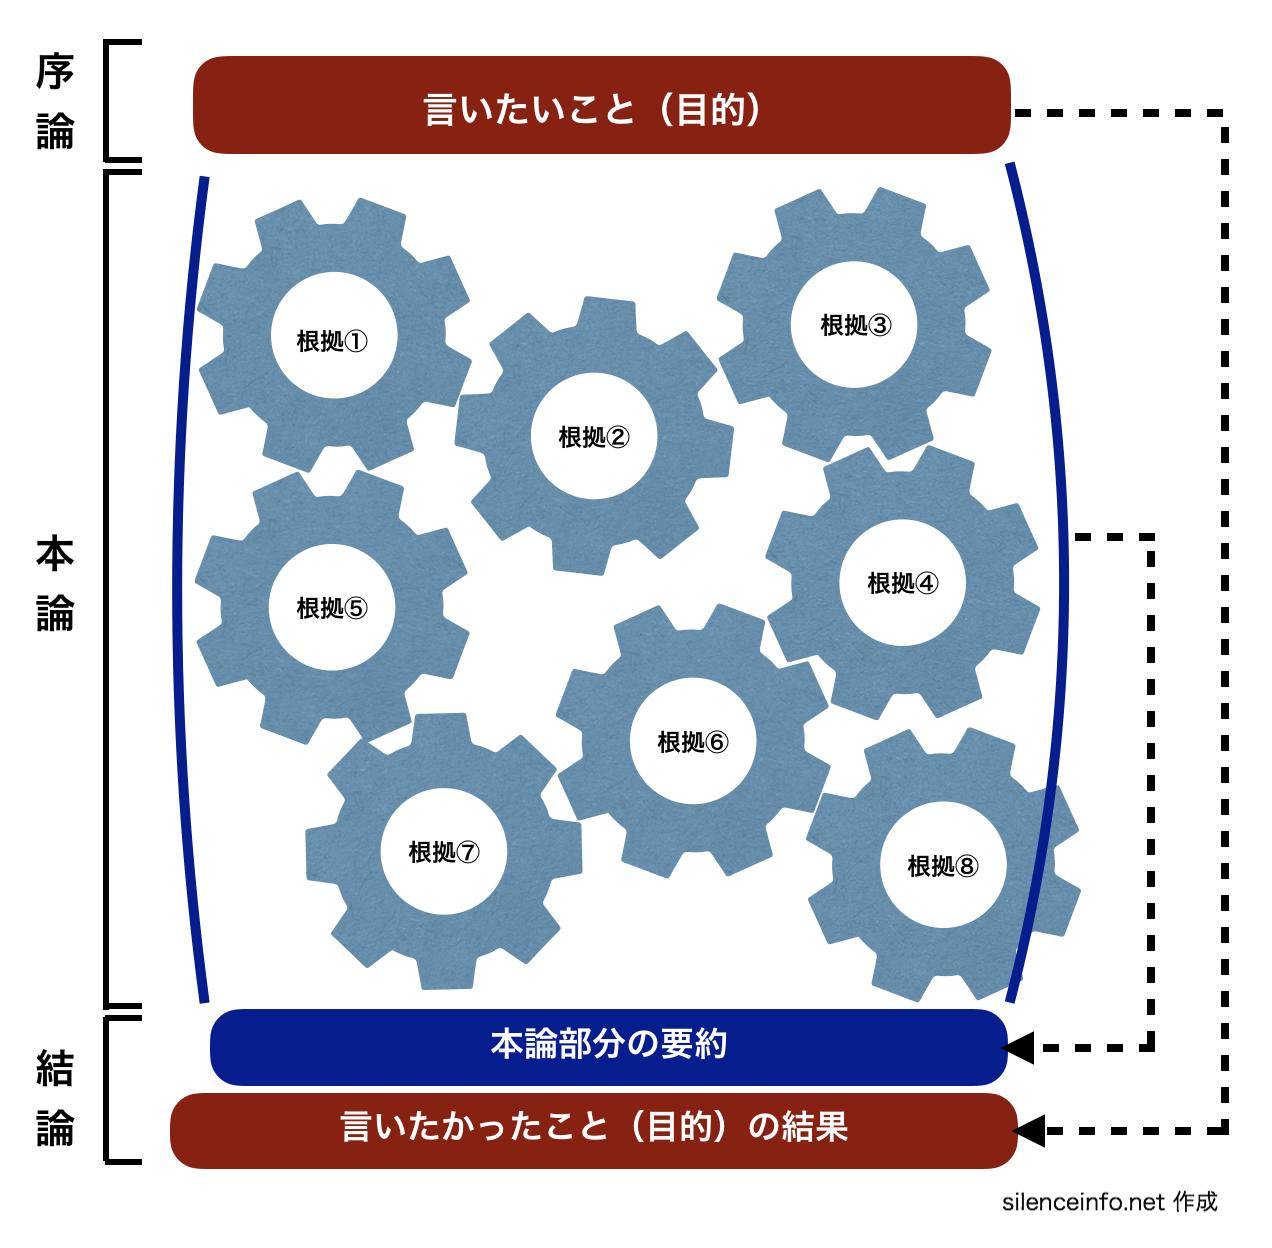 論文の構成 結論の記述内容を示した図